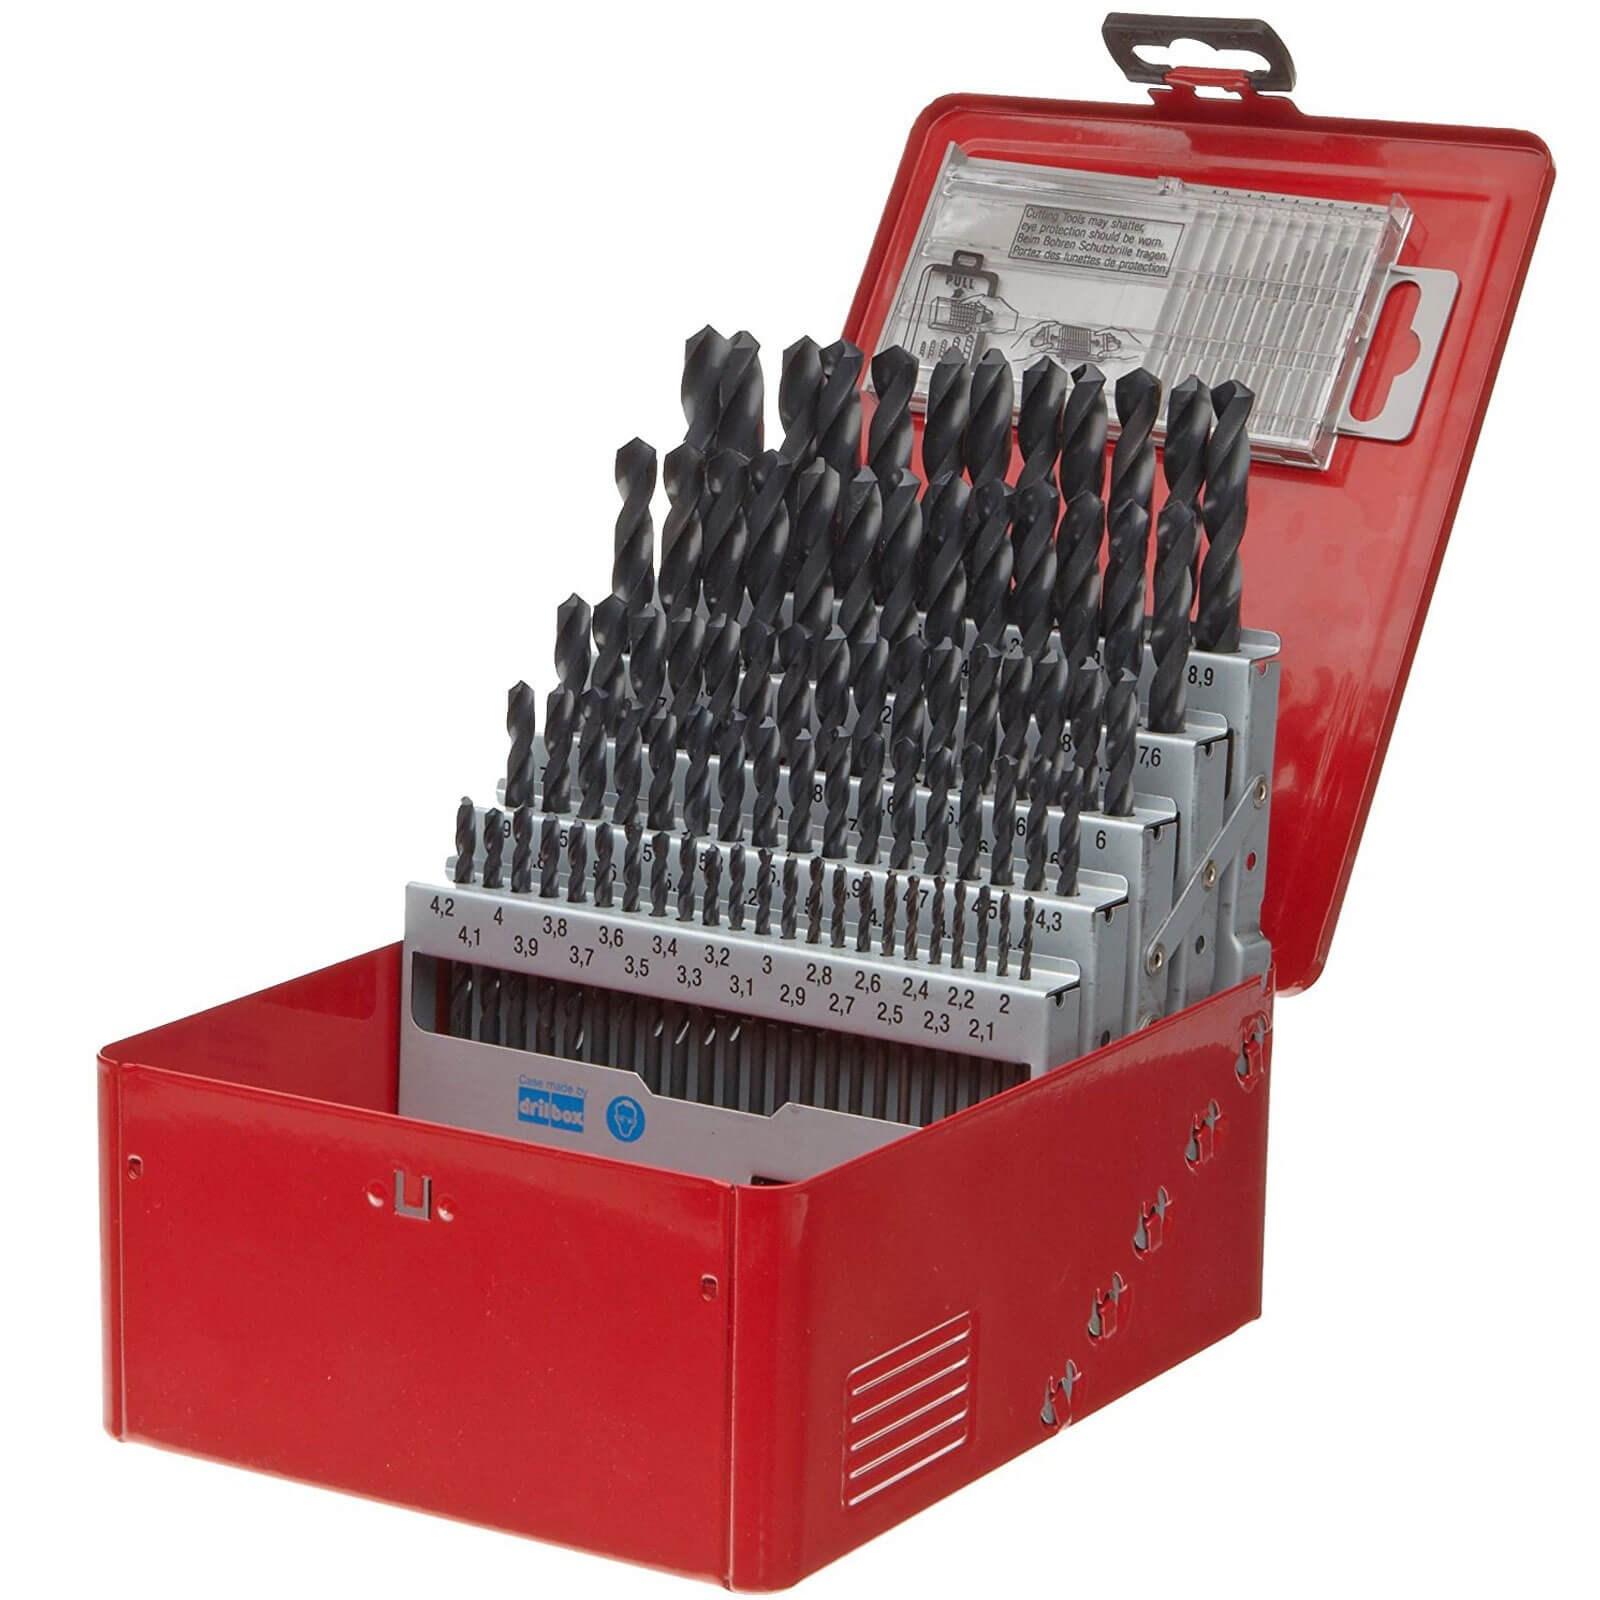 DORMER A296225 5pc HSS 60 Degrees Drill Bit Set